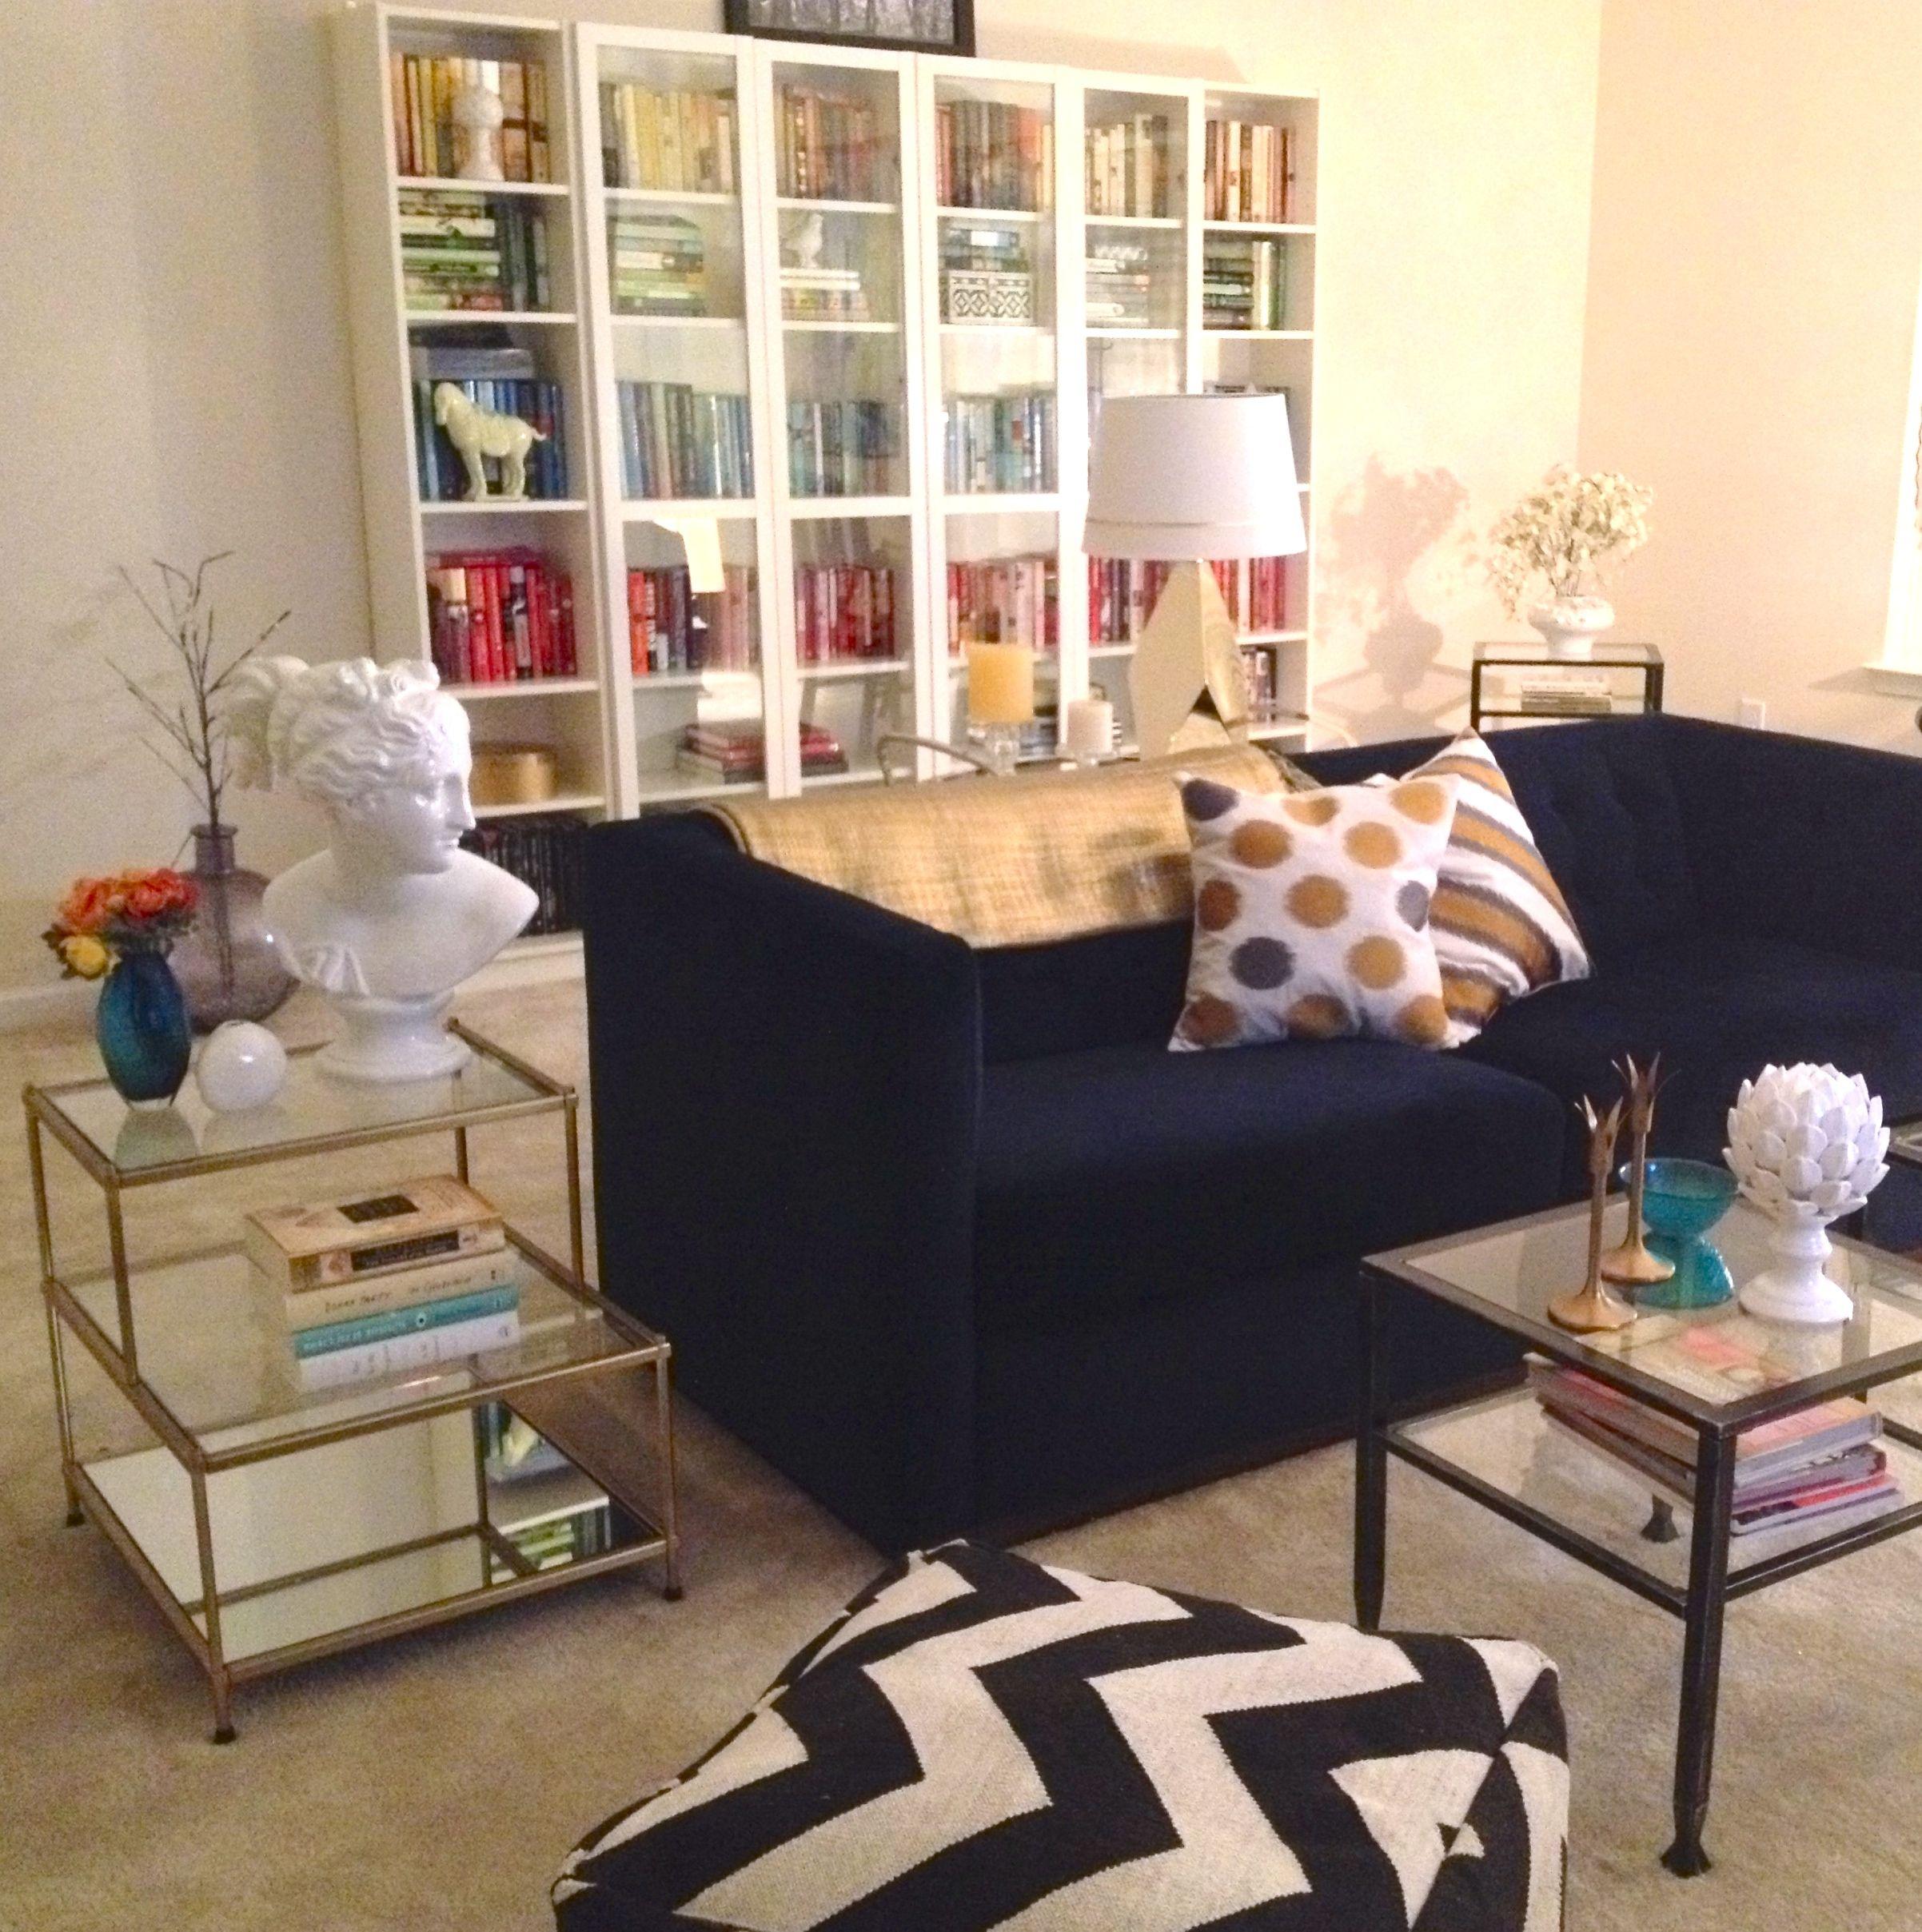 My Living Room WestElm Blue Velvet Sofa Chevron Pouf Ikea Shelving